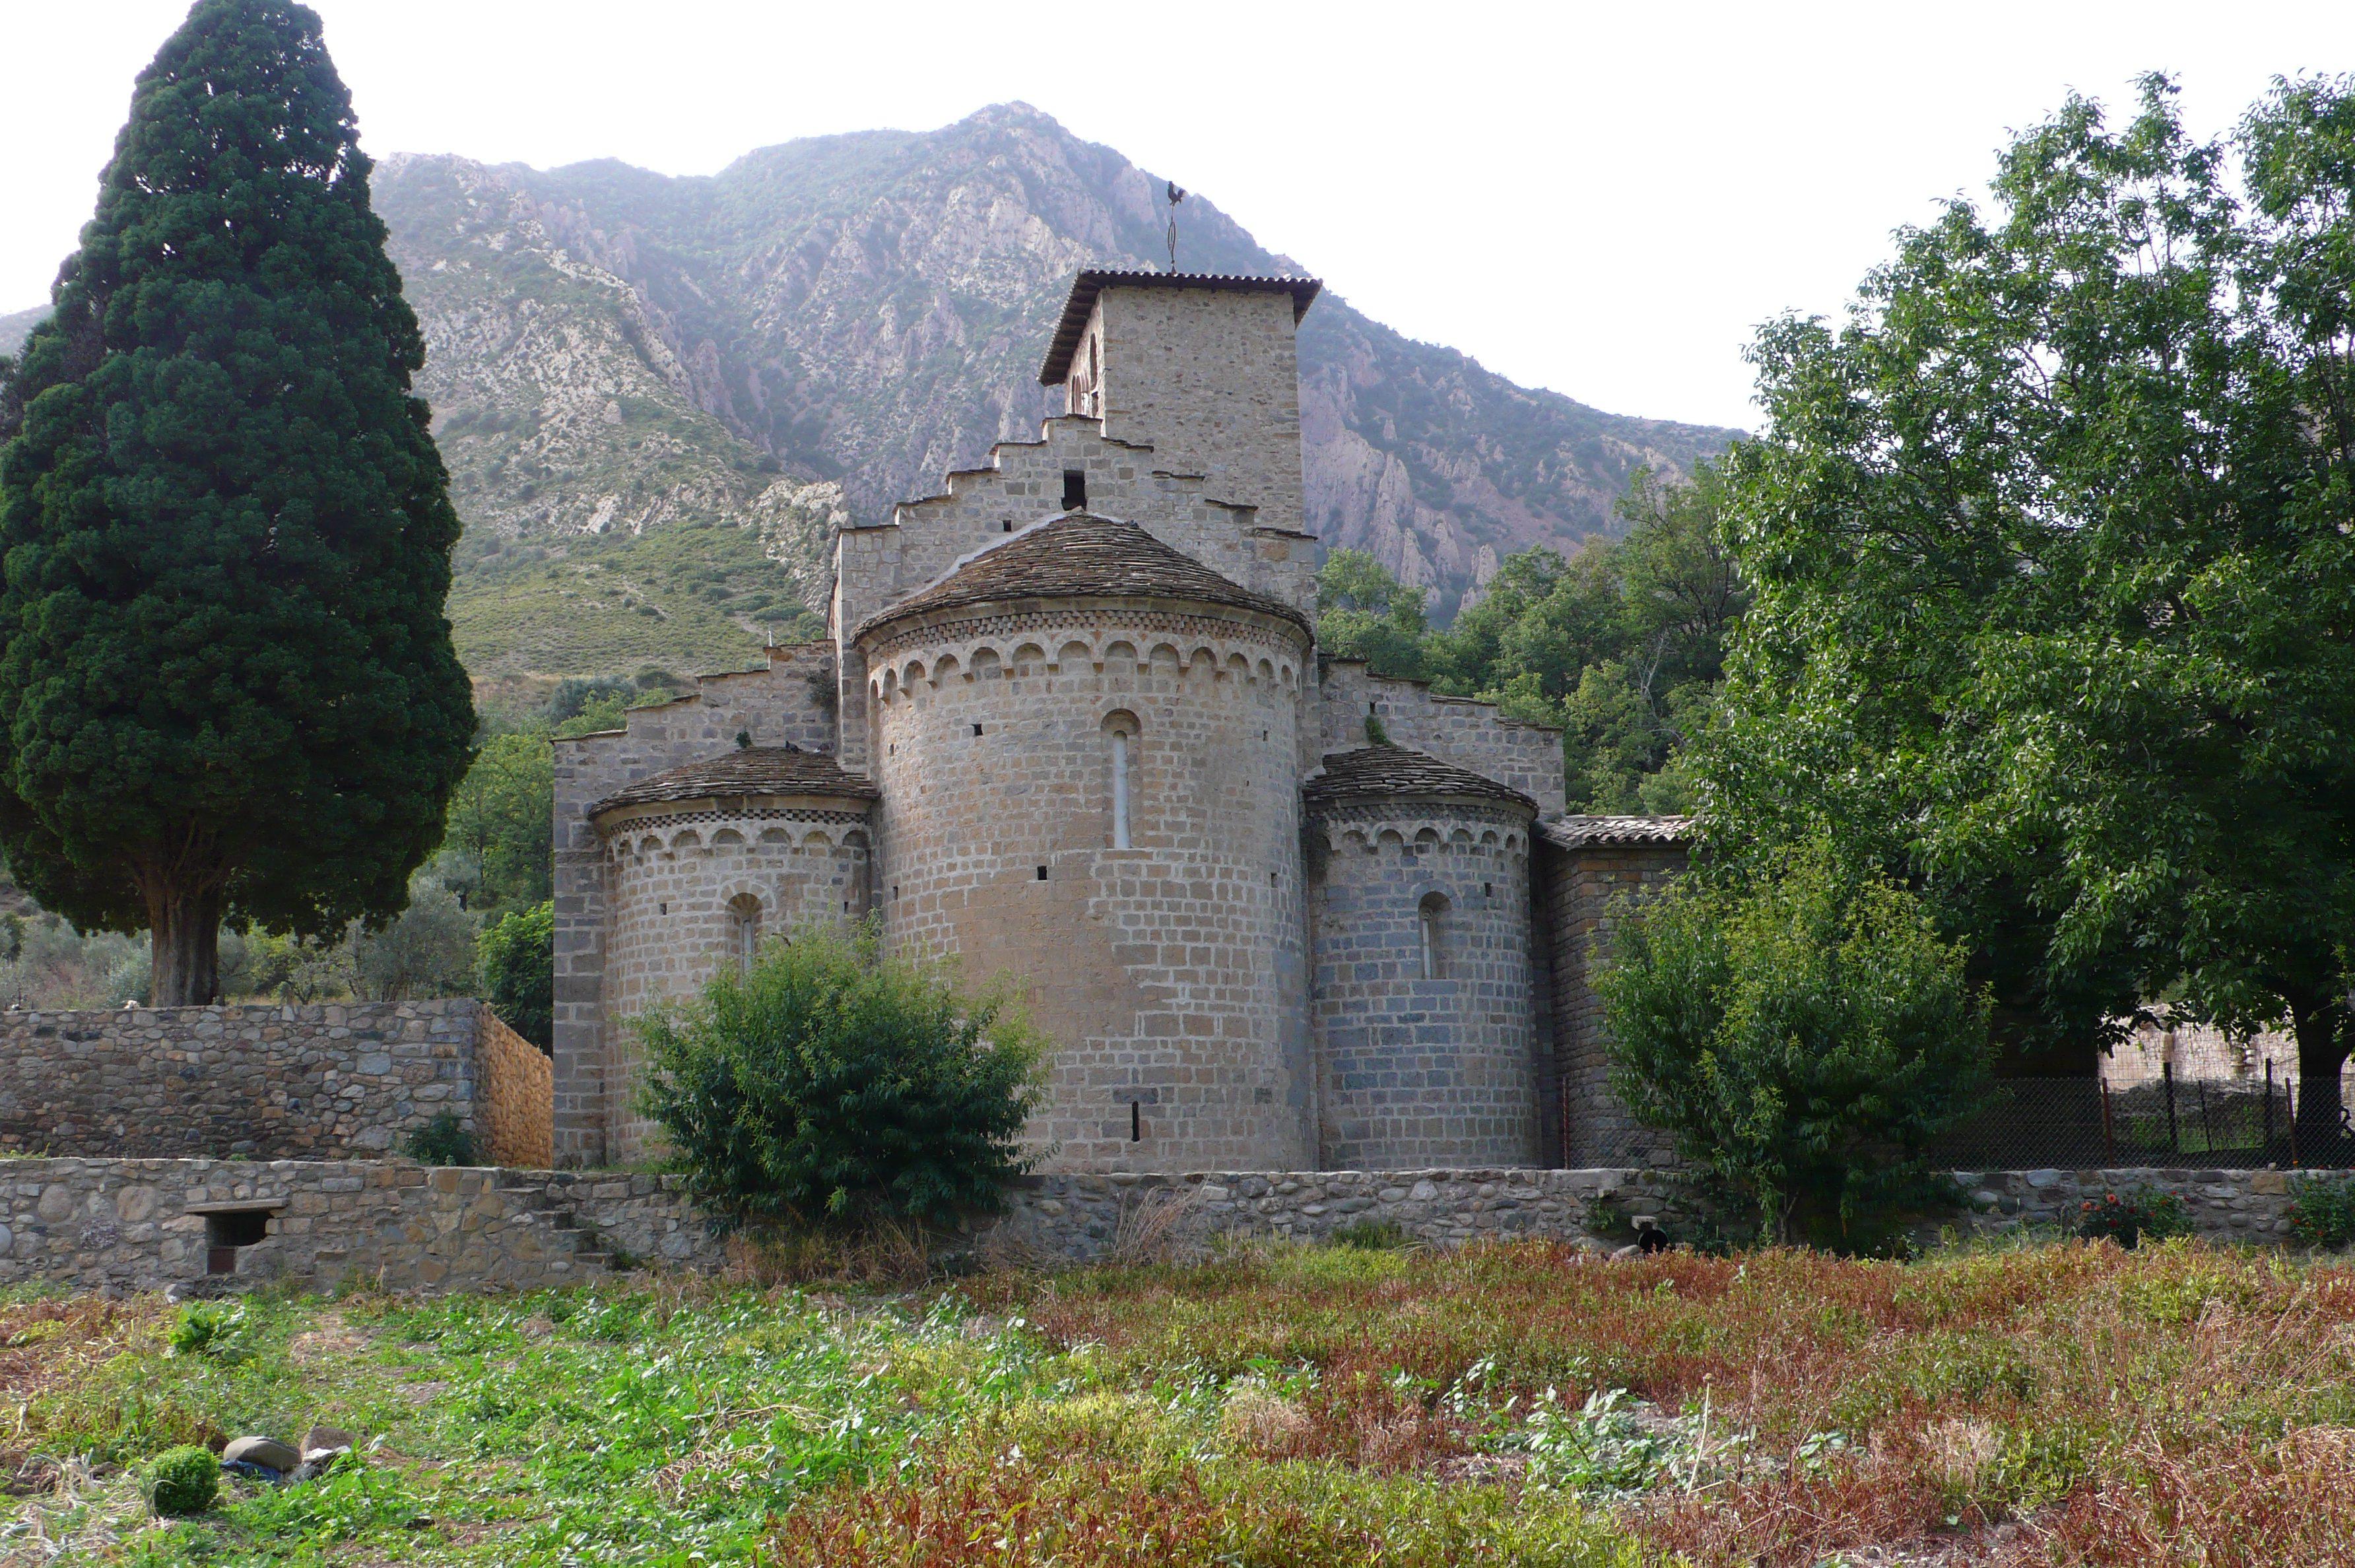 ¿Quieres saber más sobre Arén de la Noguera en Aragón?